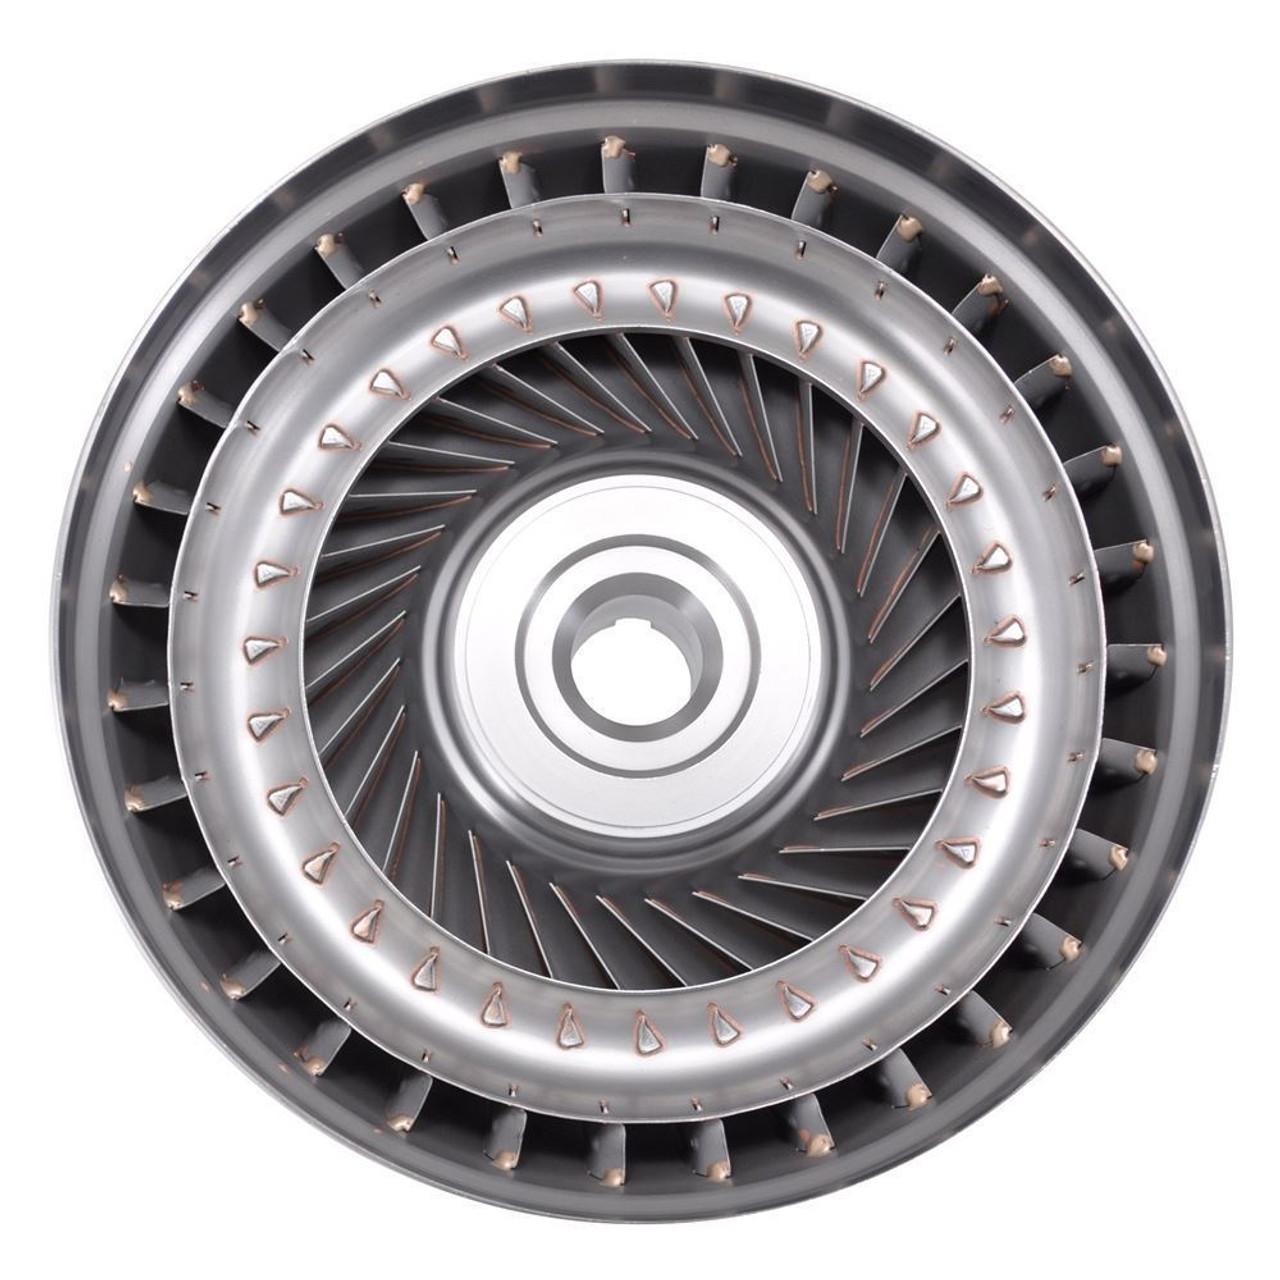 Circle D 278mm HP LS Torque Converter - 4L60E